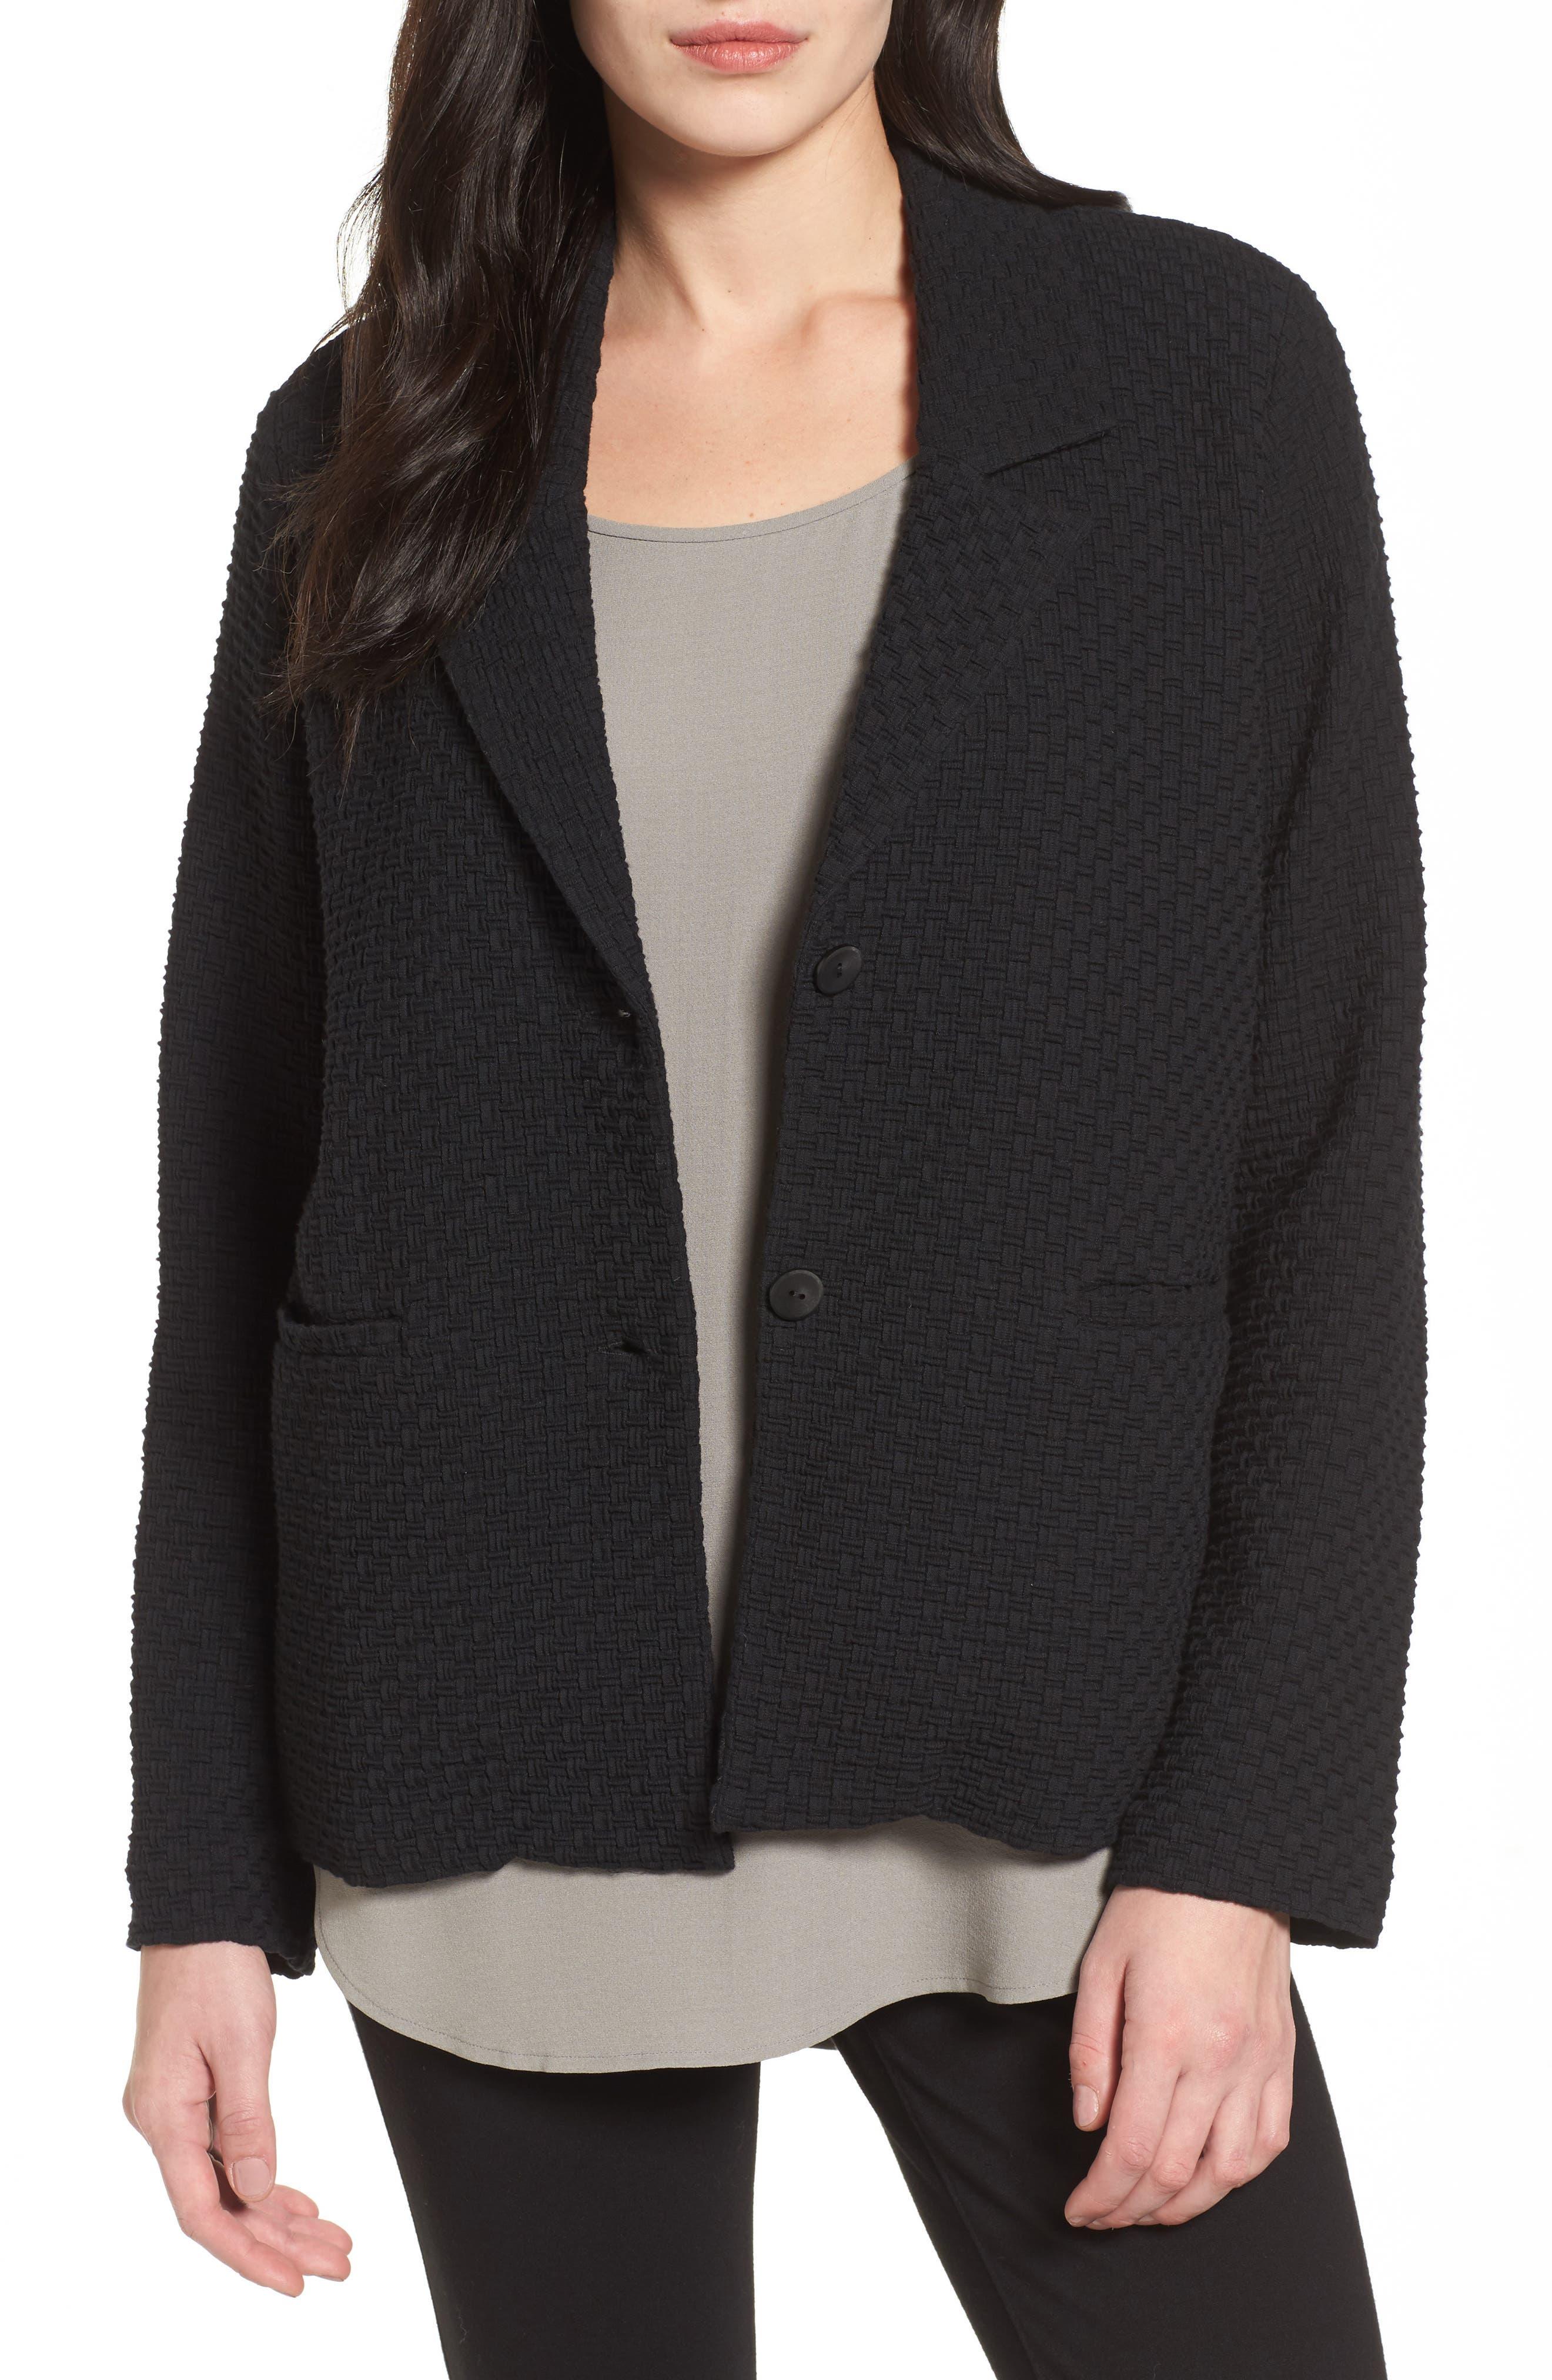 Alternate Image 1 Selected - Eileen Fisher Boxy Jacquard Jacket